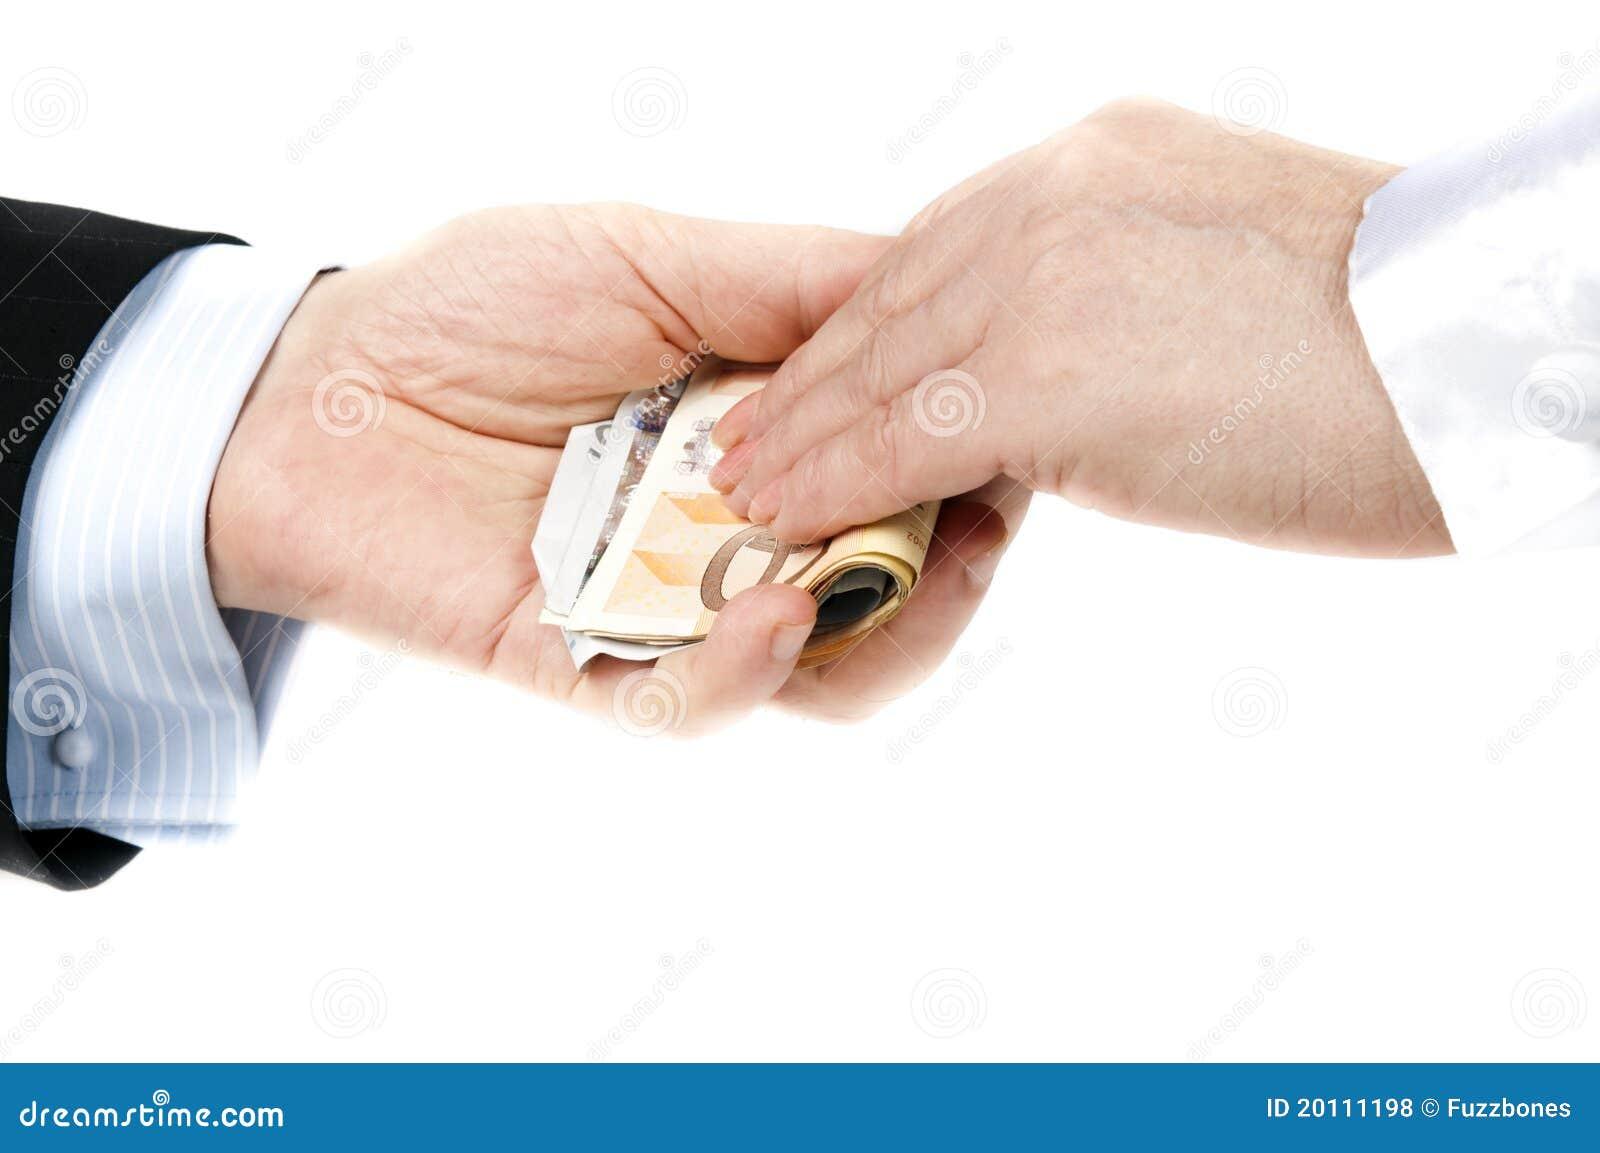 друг просит занять денег